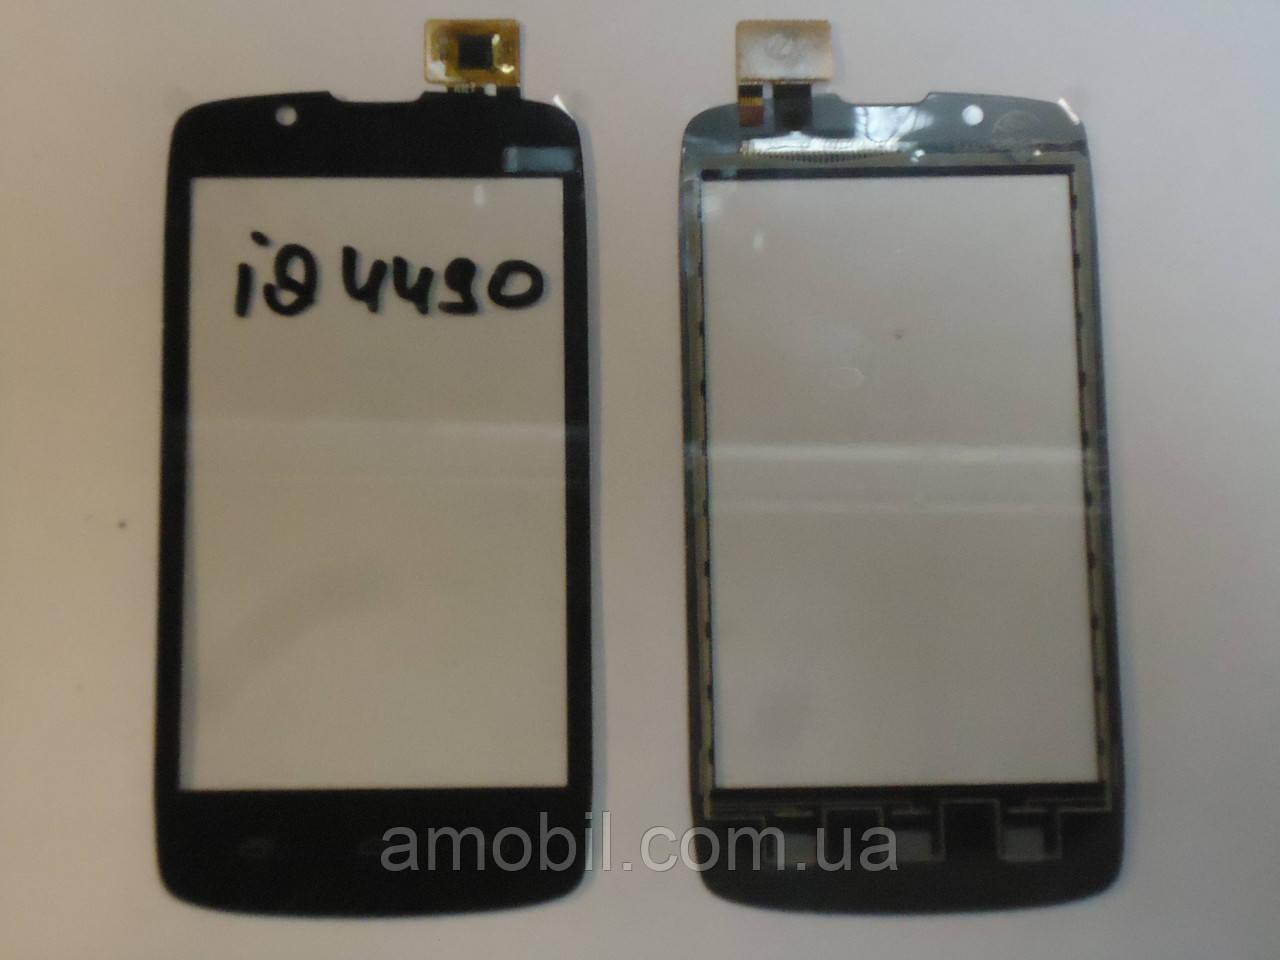 Сенсор Fly IQ4490 Era Nano 4 Black orig